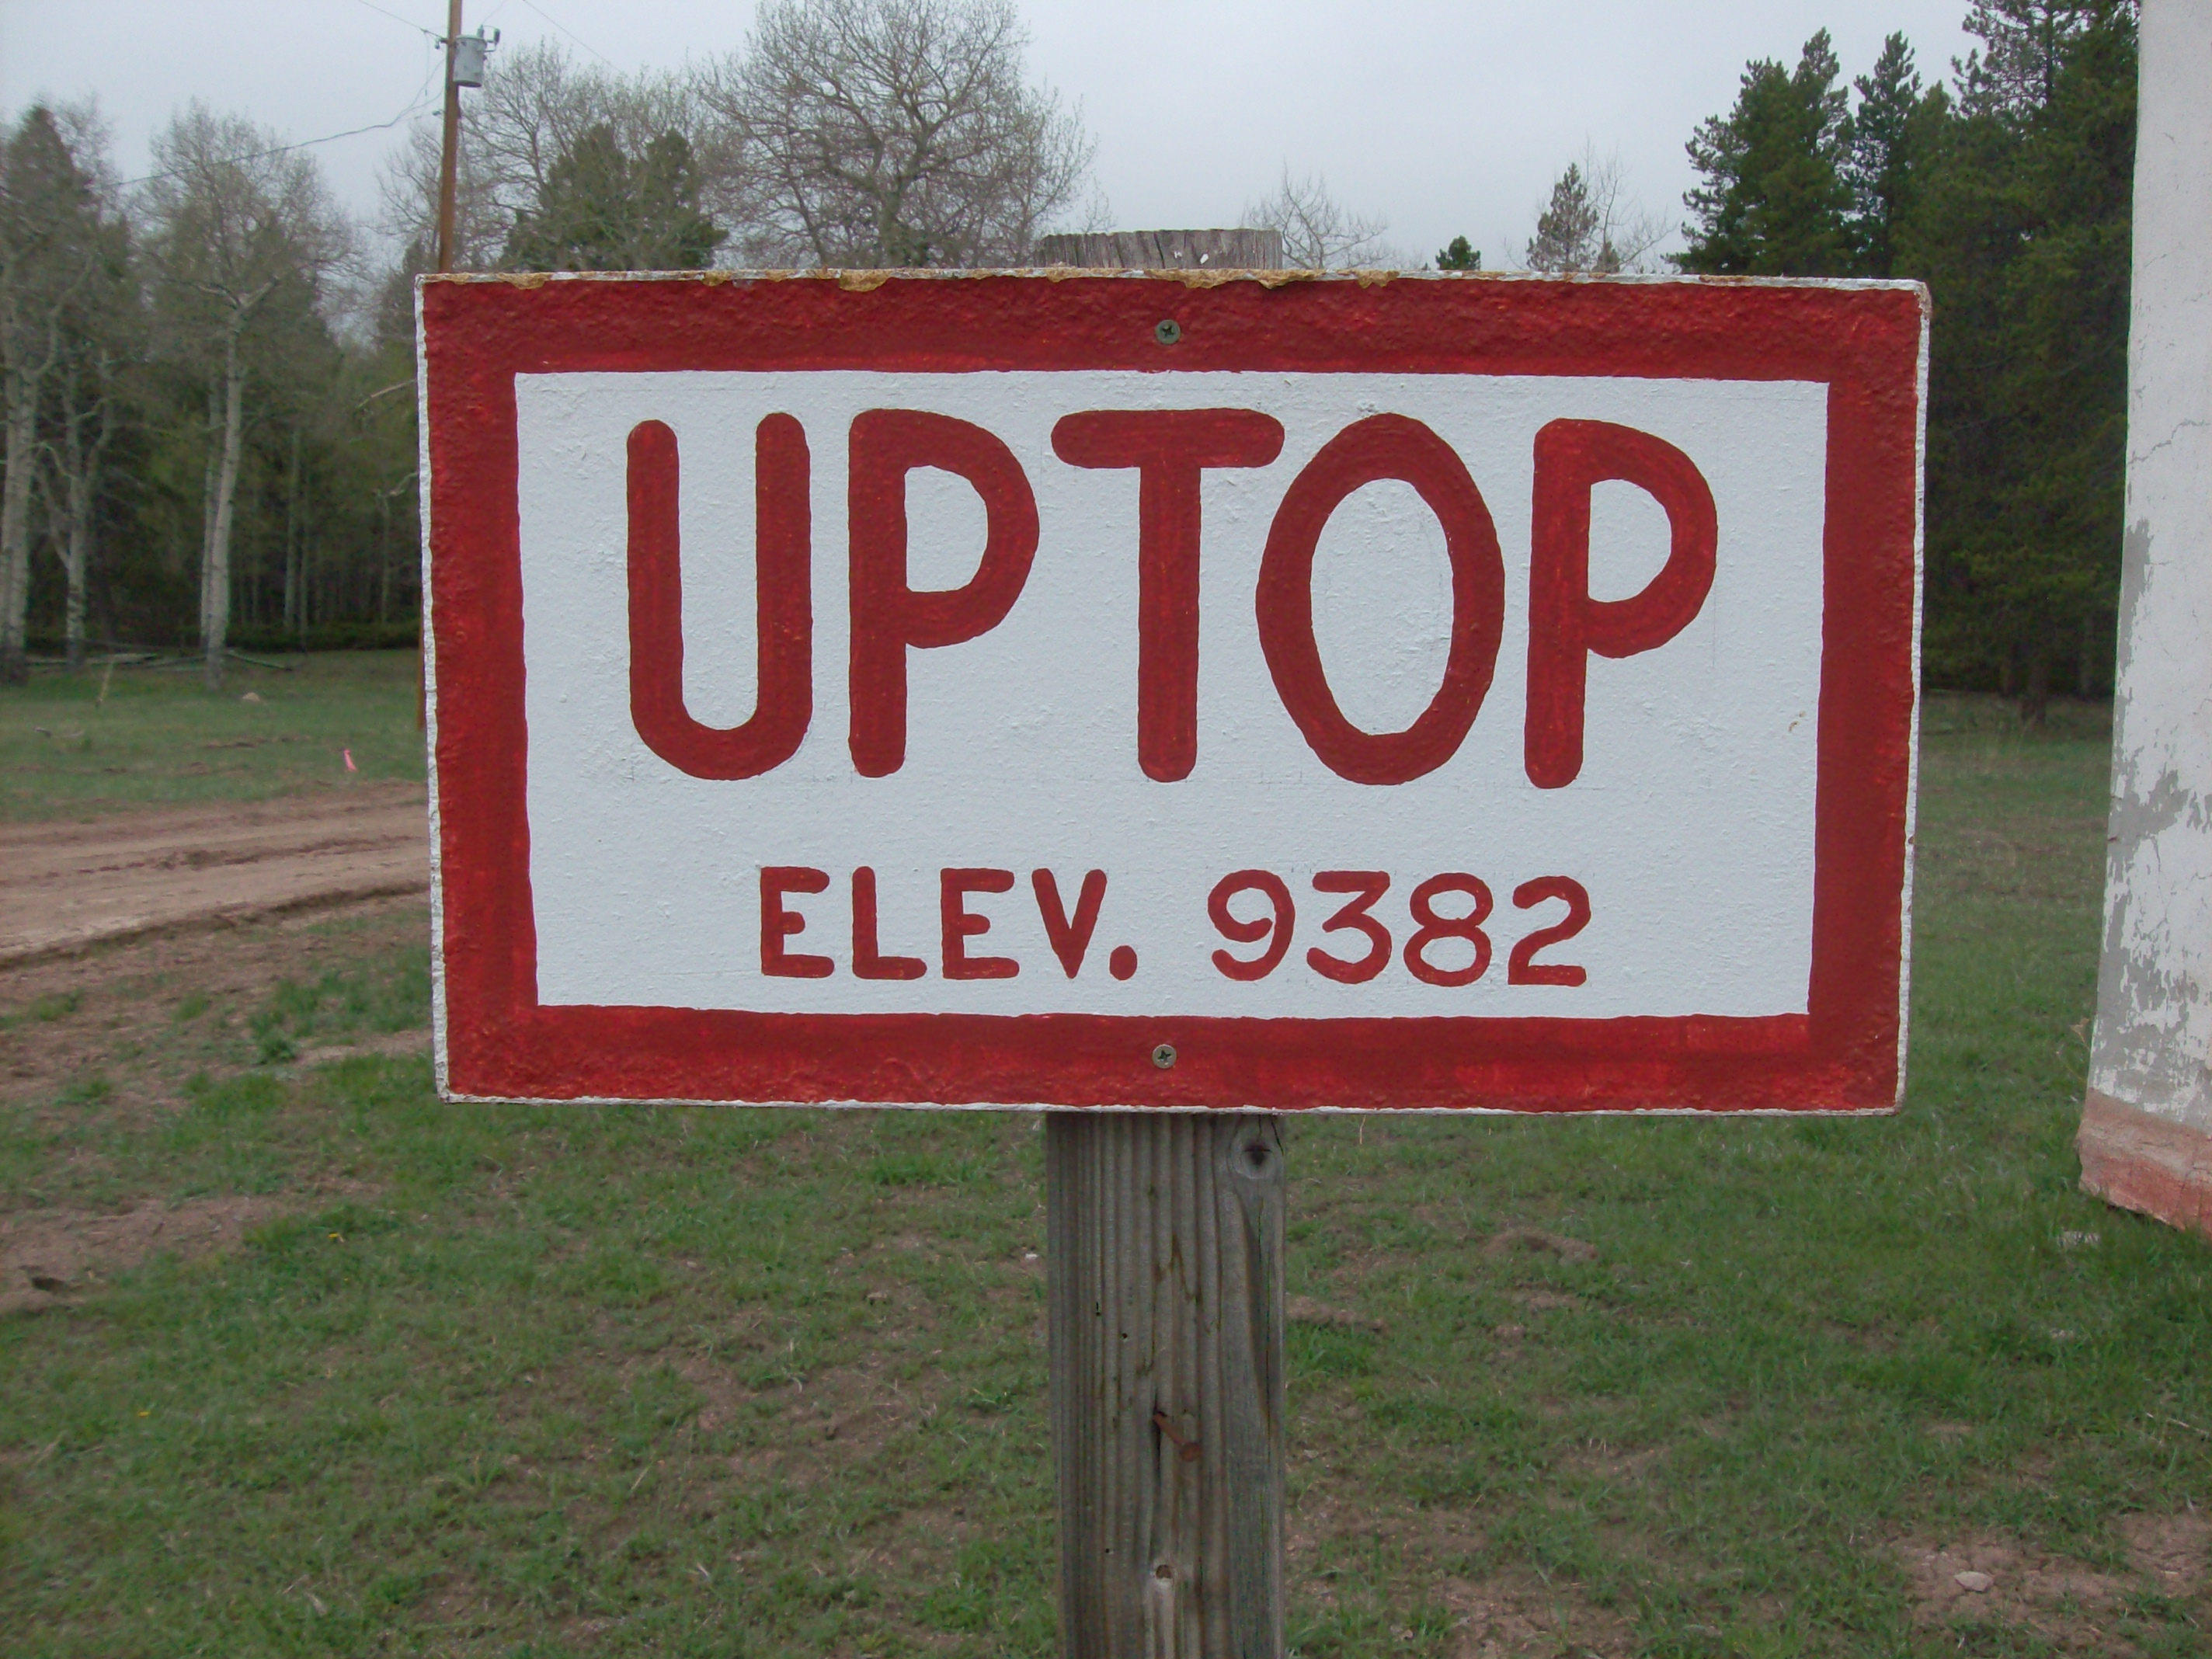 Uptop_Elev._9382.jpg